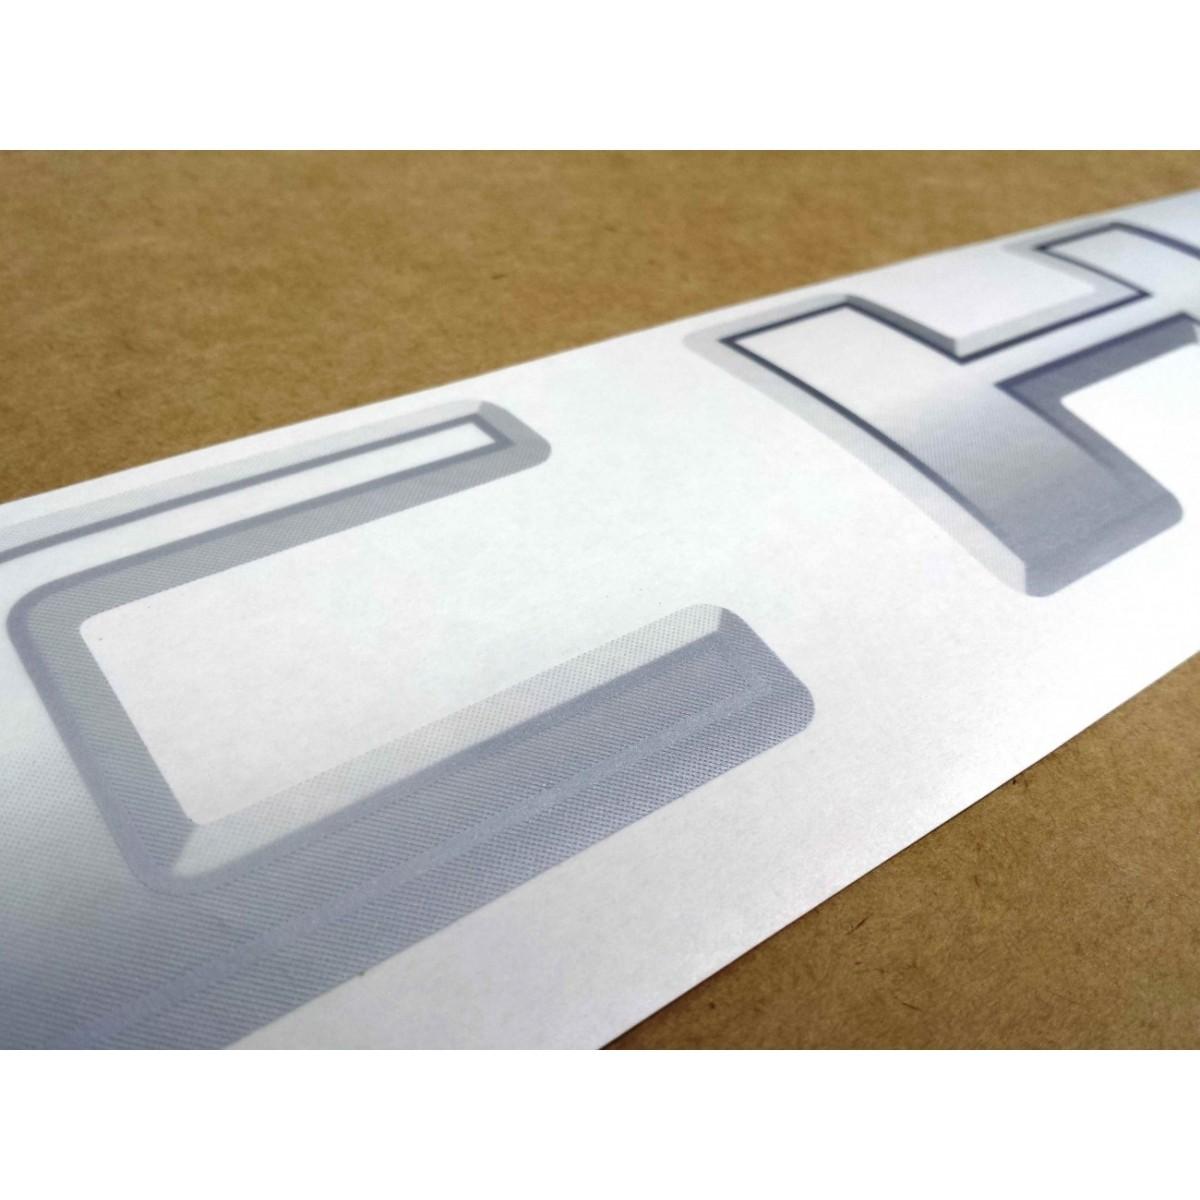 adesivo tampa traseira chevrolet   prata decalx adesivos  motos adesivos automotivos